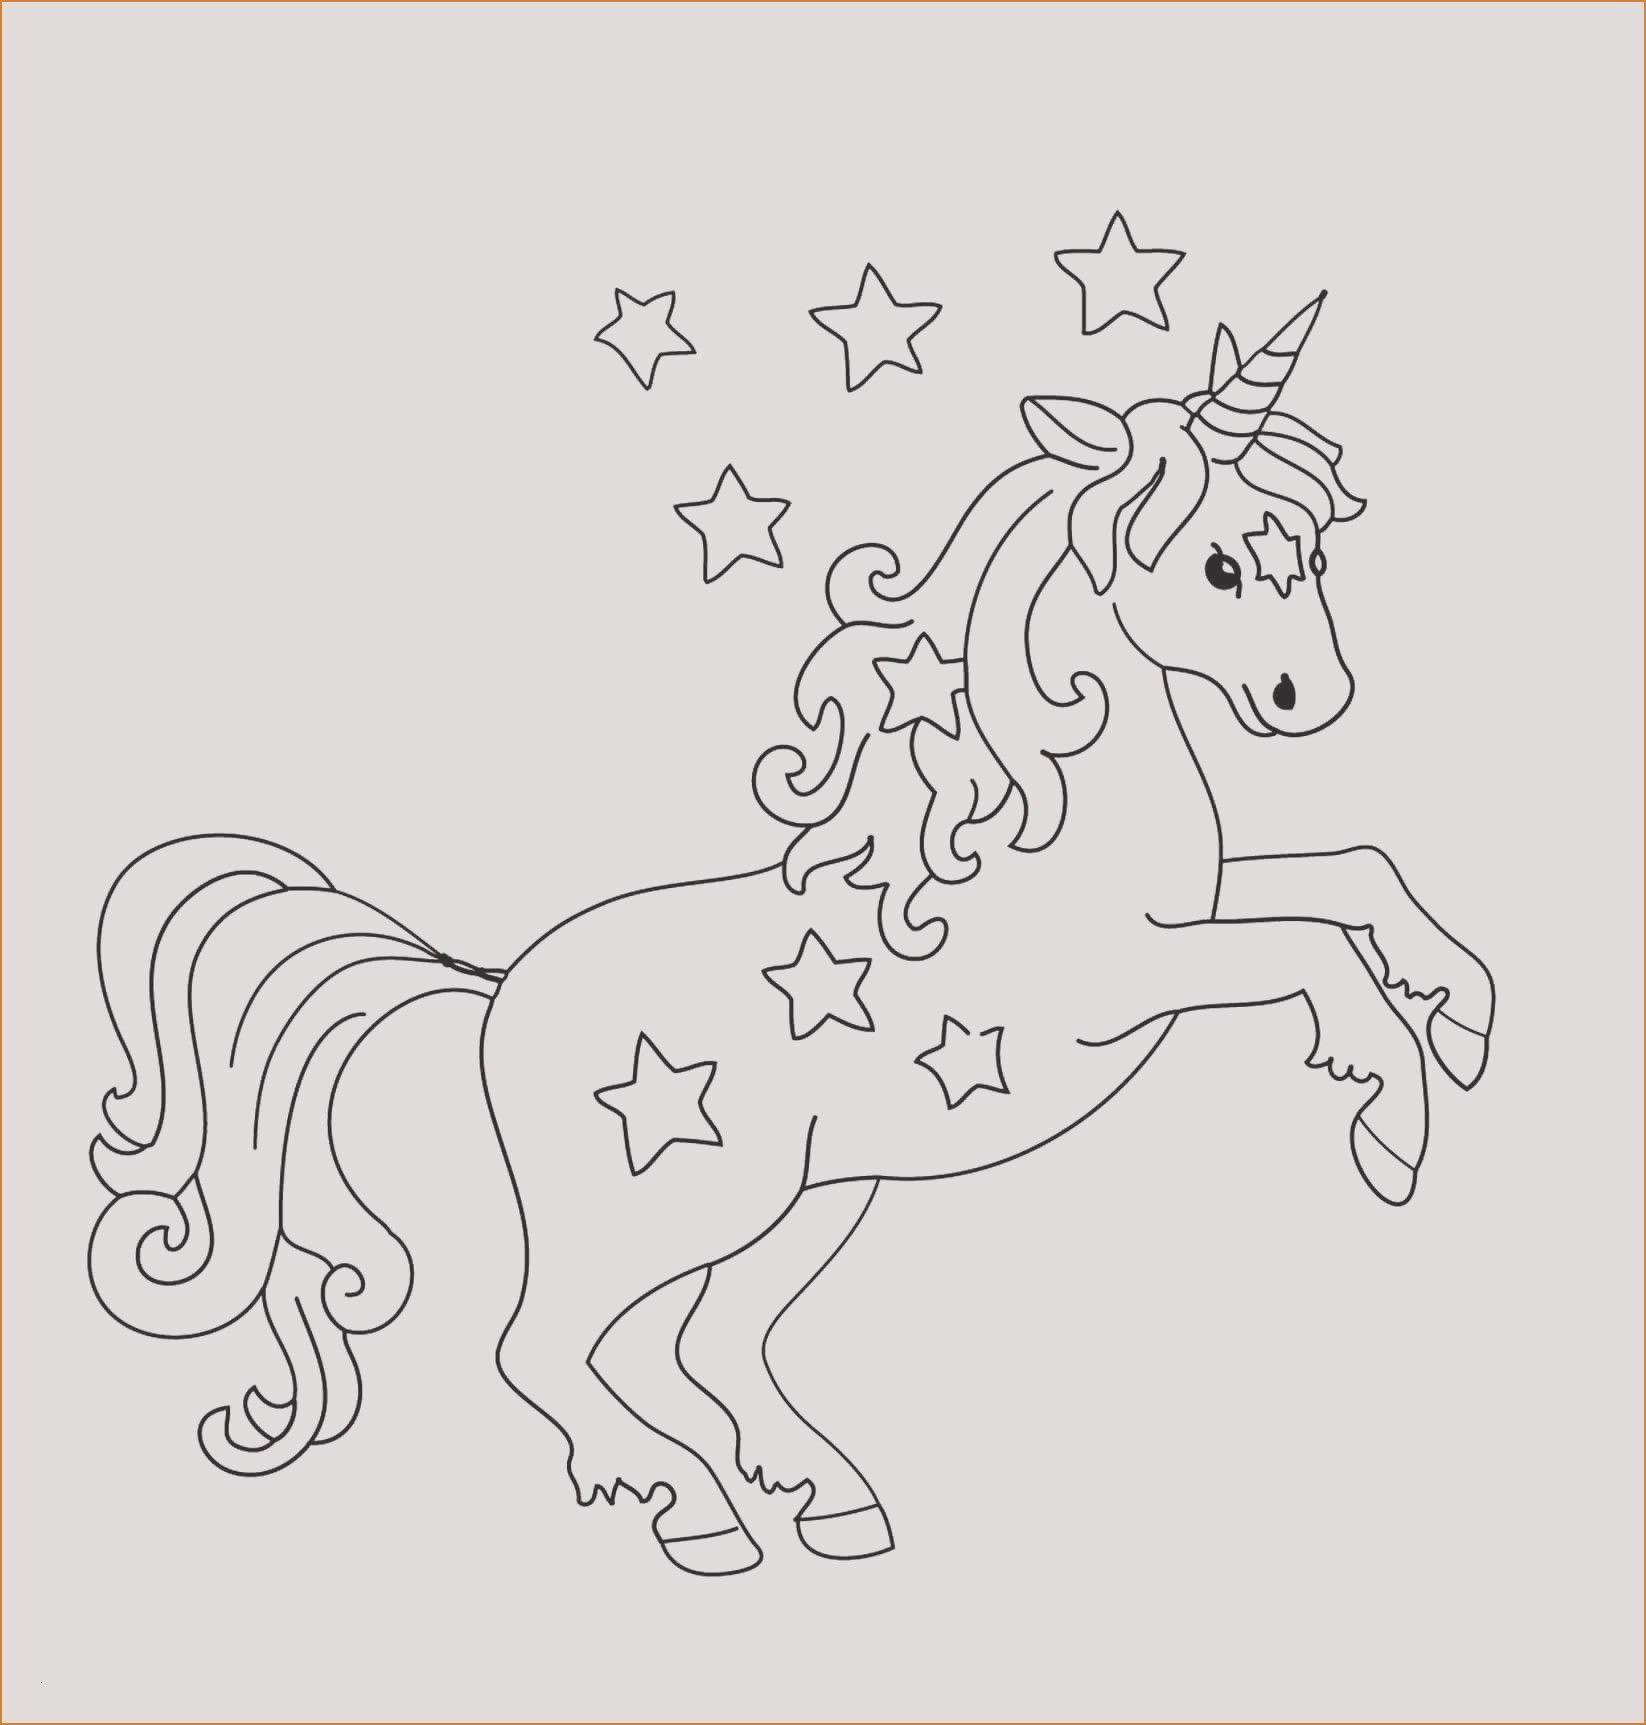 Die Besten Von 315 Kostenlos Ausmalbilder Pferde Zum Ausdrucken Druckfertig Kostenlos Einhorn Zum Ausmalen Ausmalbilder Pferde Zum Ausdrucken Ausmalbilder